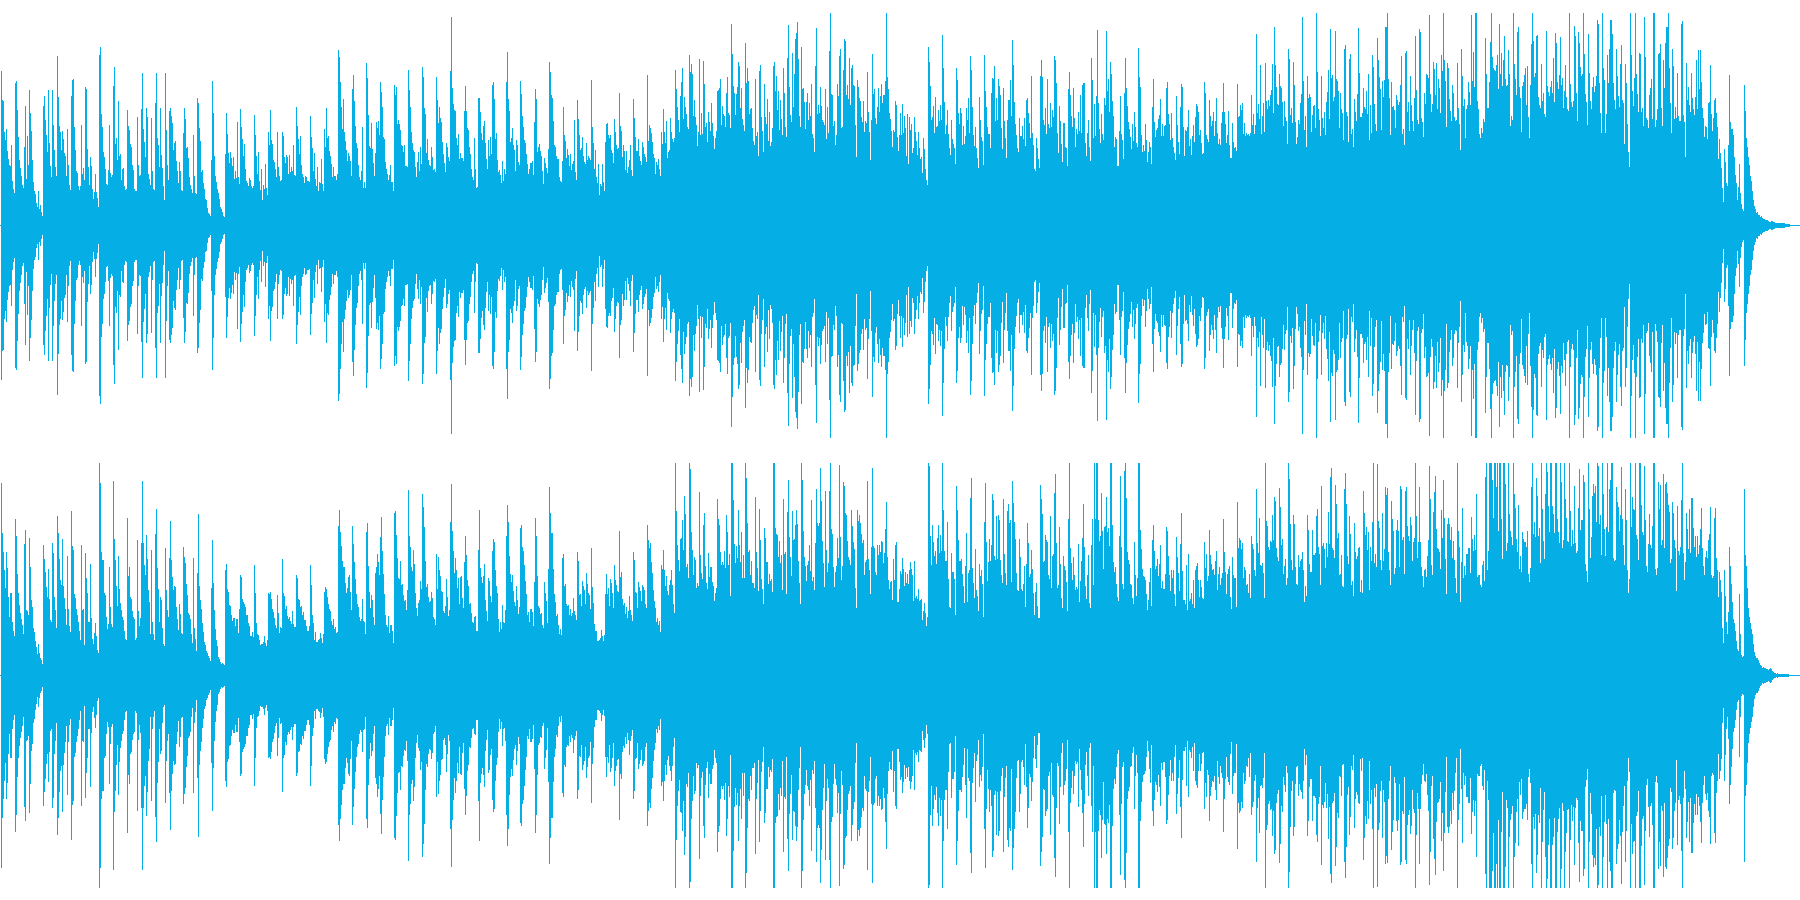 箏がメインの切ない和風三拍子楽曲の再生済みの波形